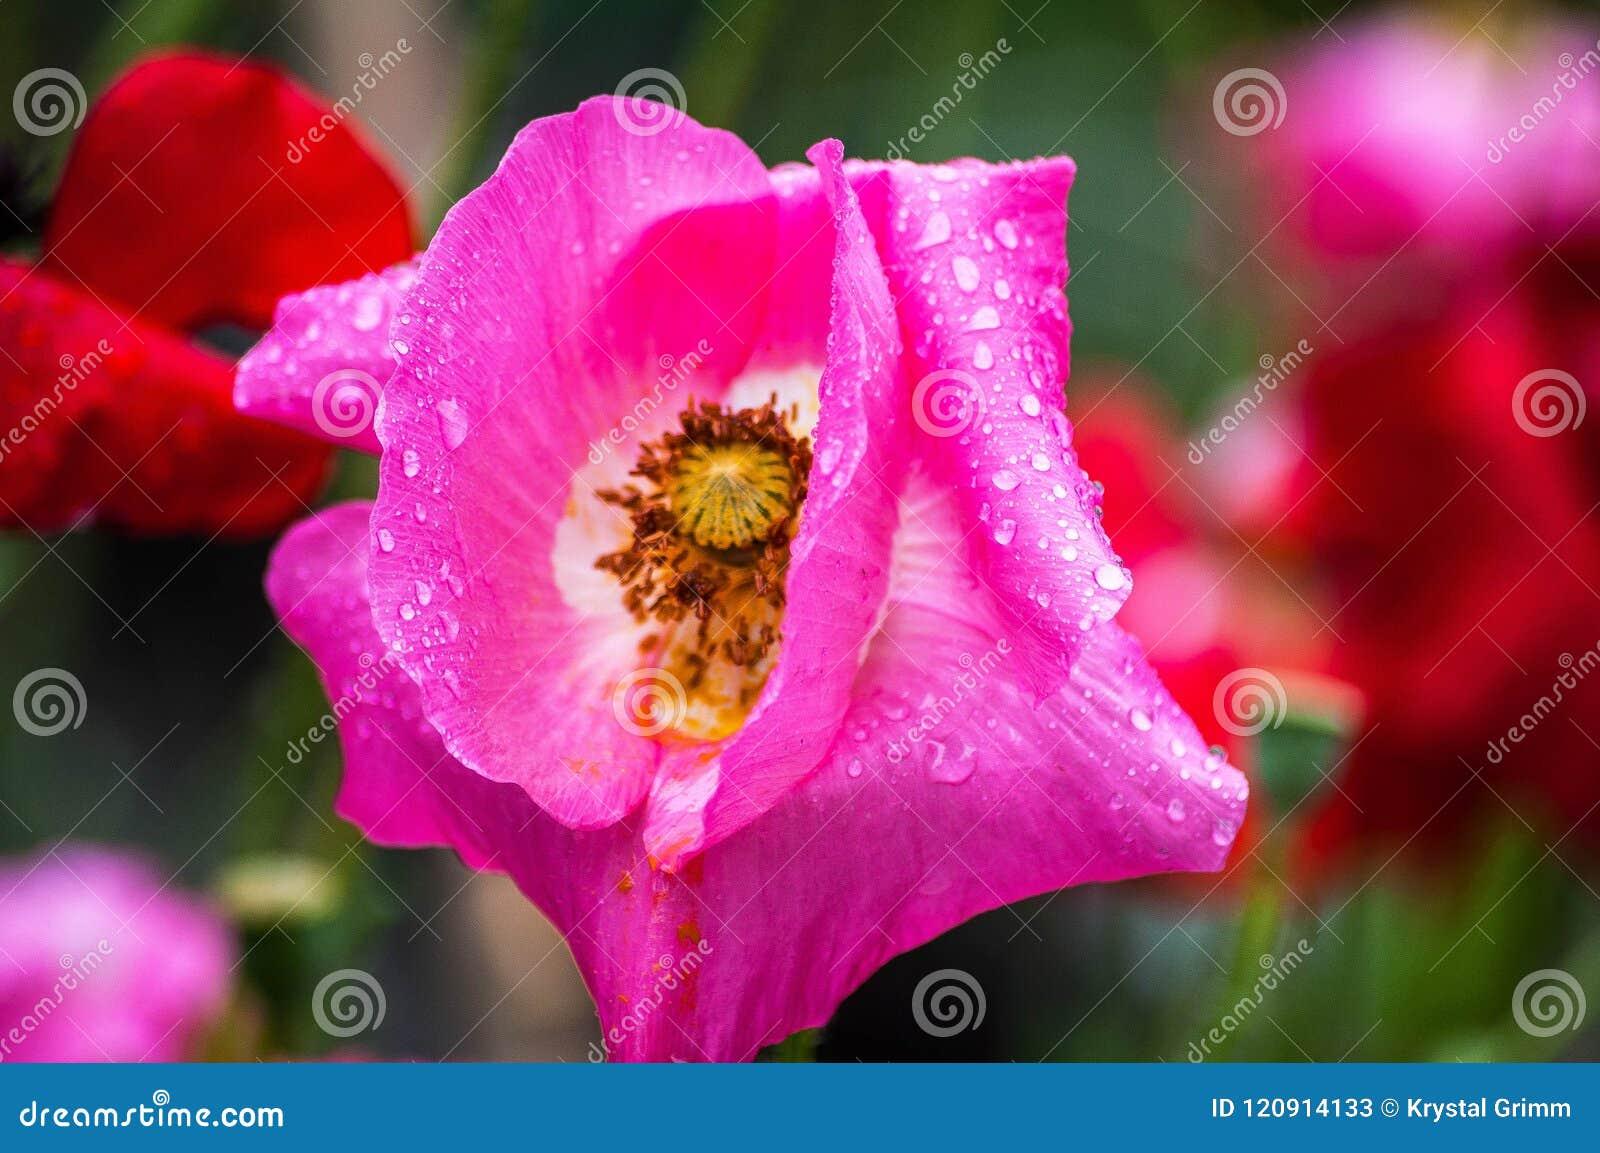 Влажный розовый мак